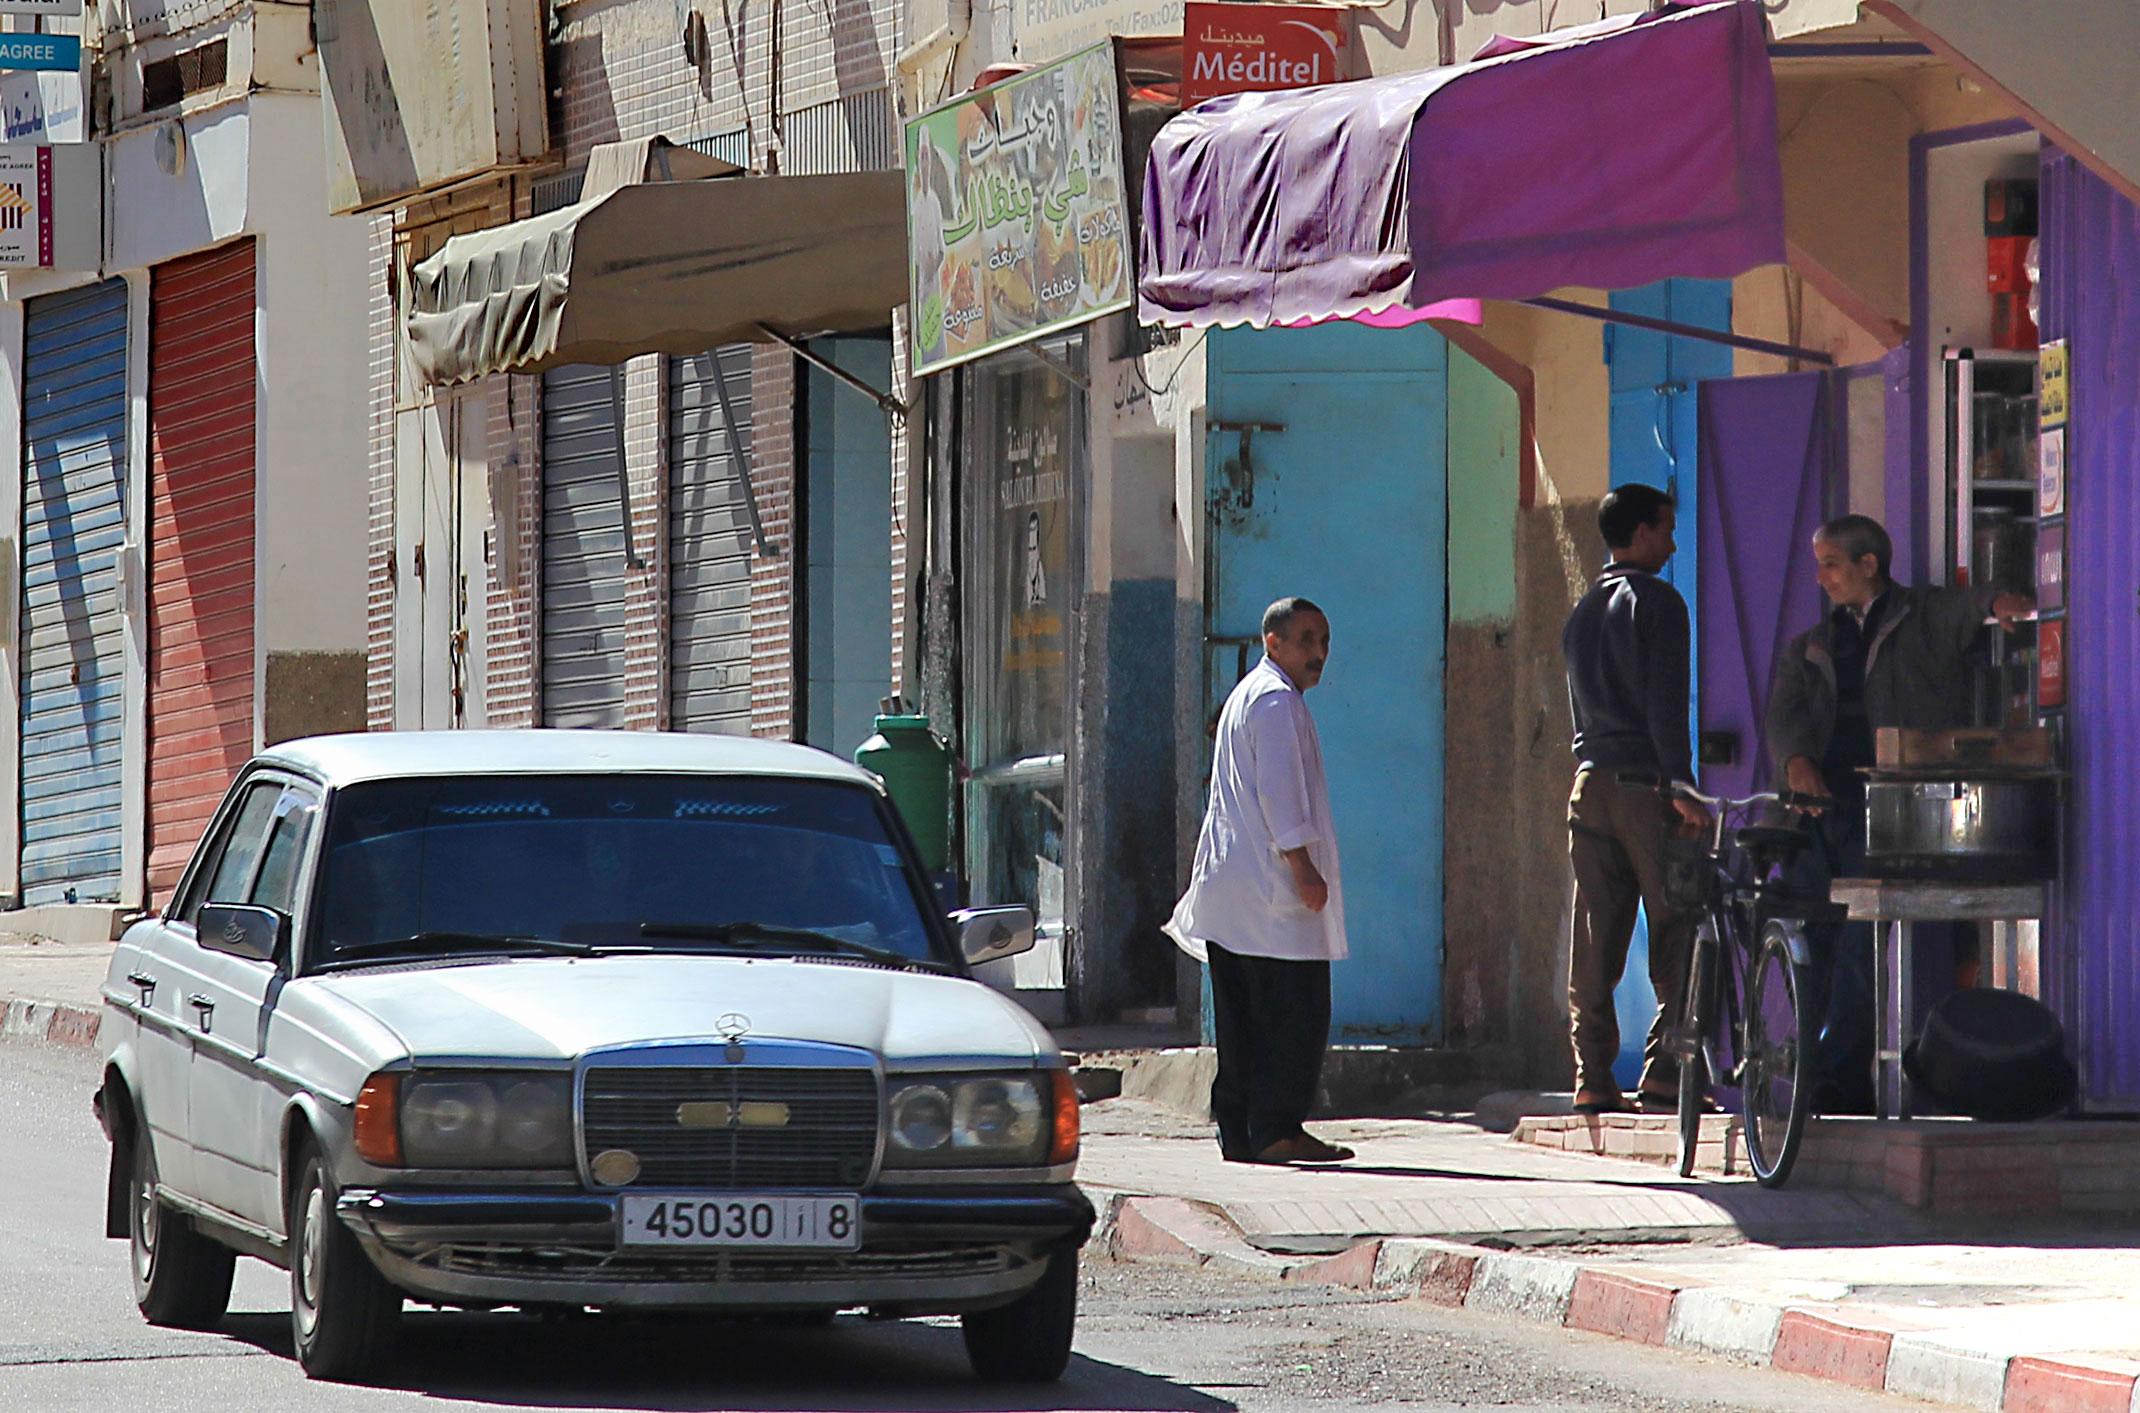 Maroko.Uliczka małego miasteczka